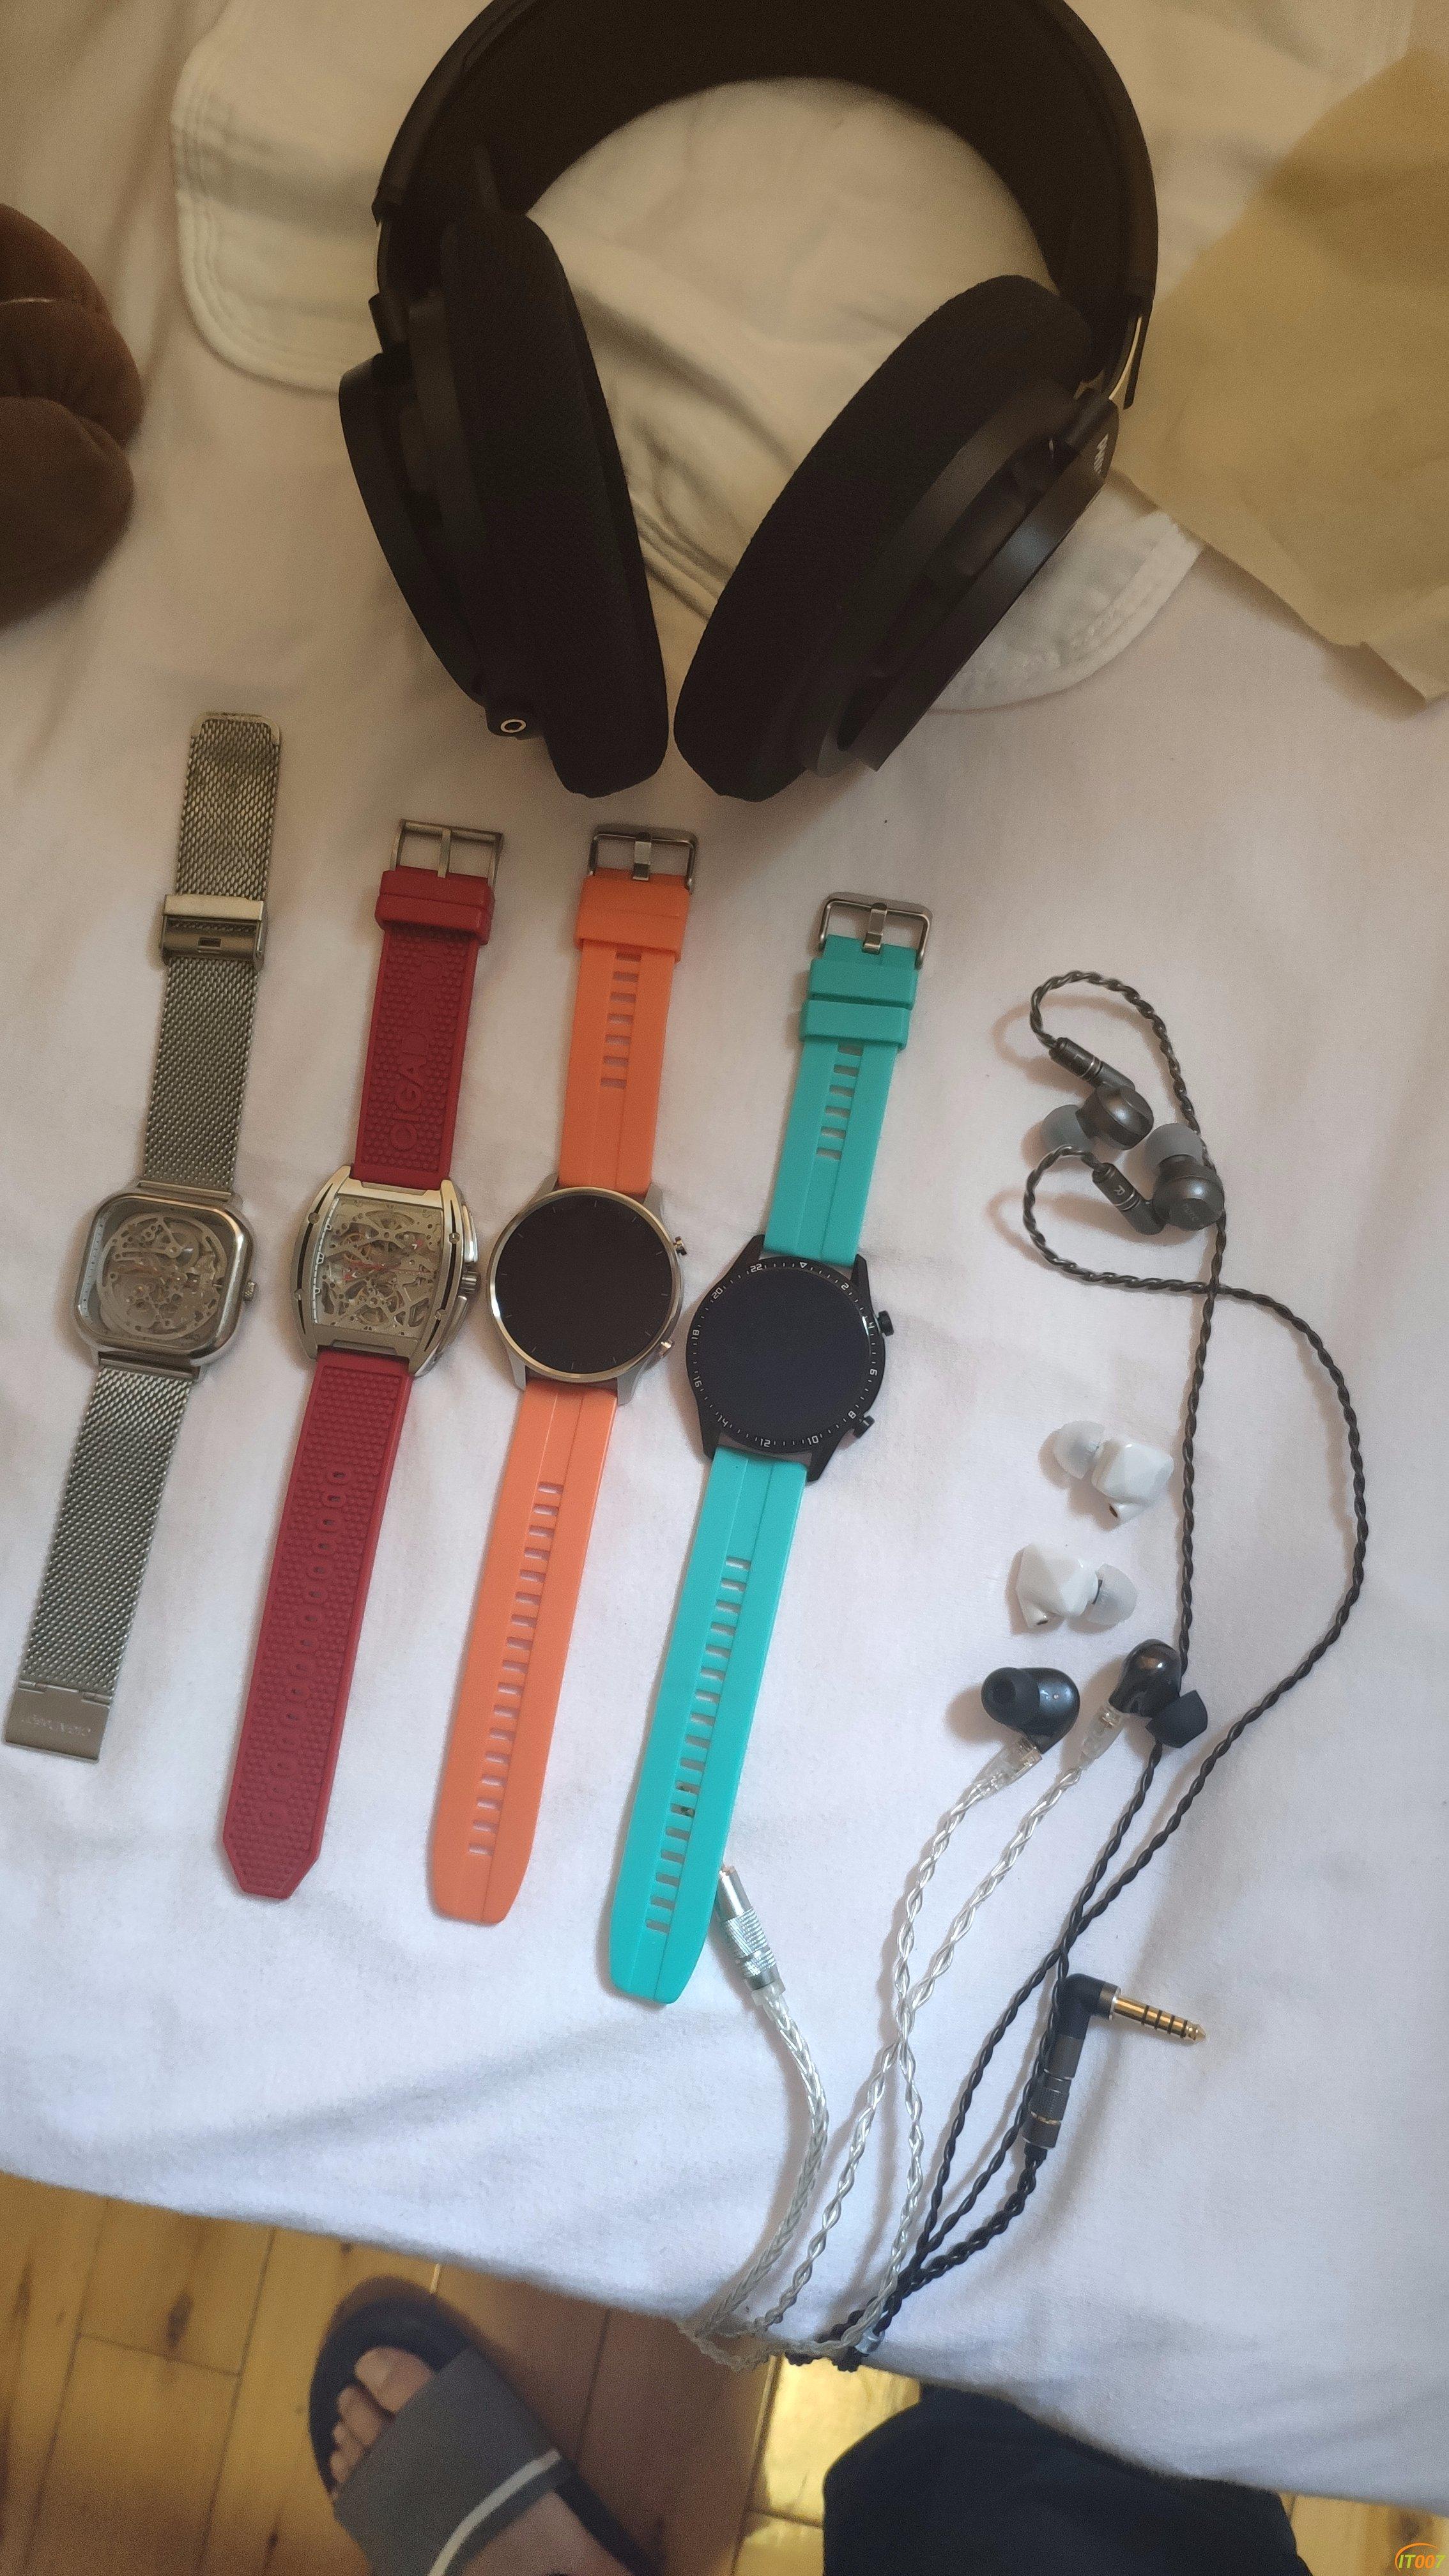 退烧,出一堆耳机,一堆手表,全部自用,不是贩子